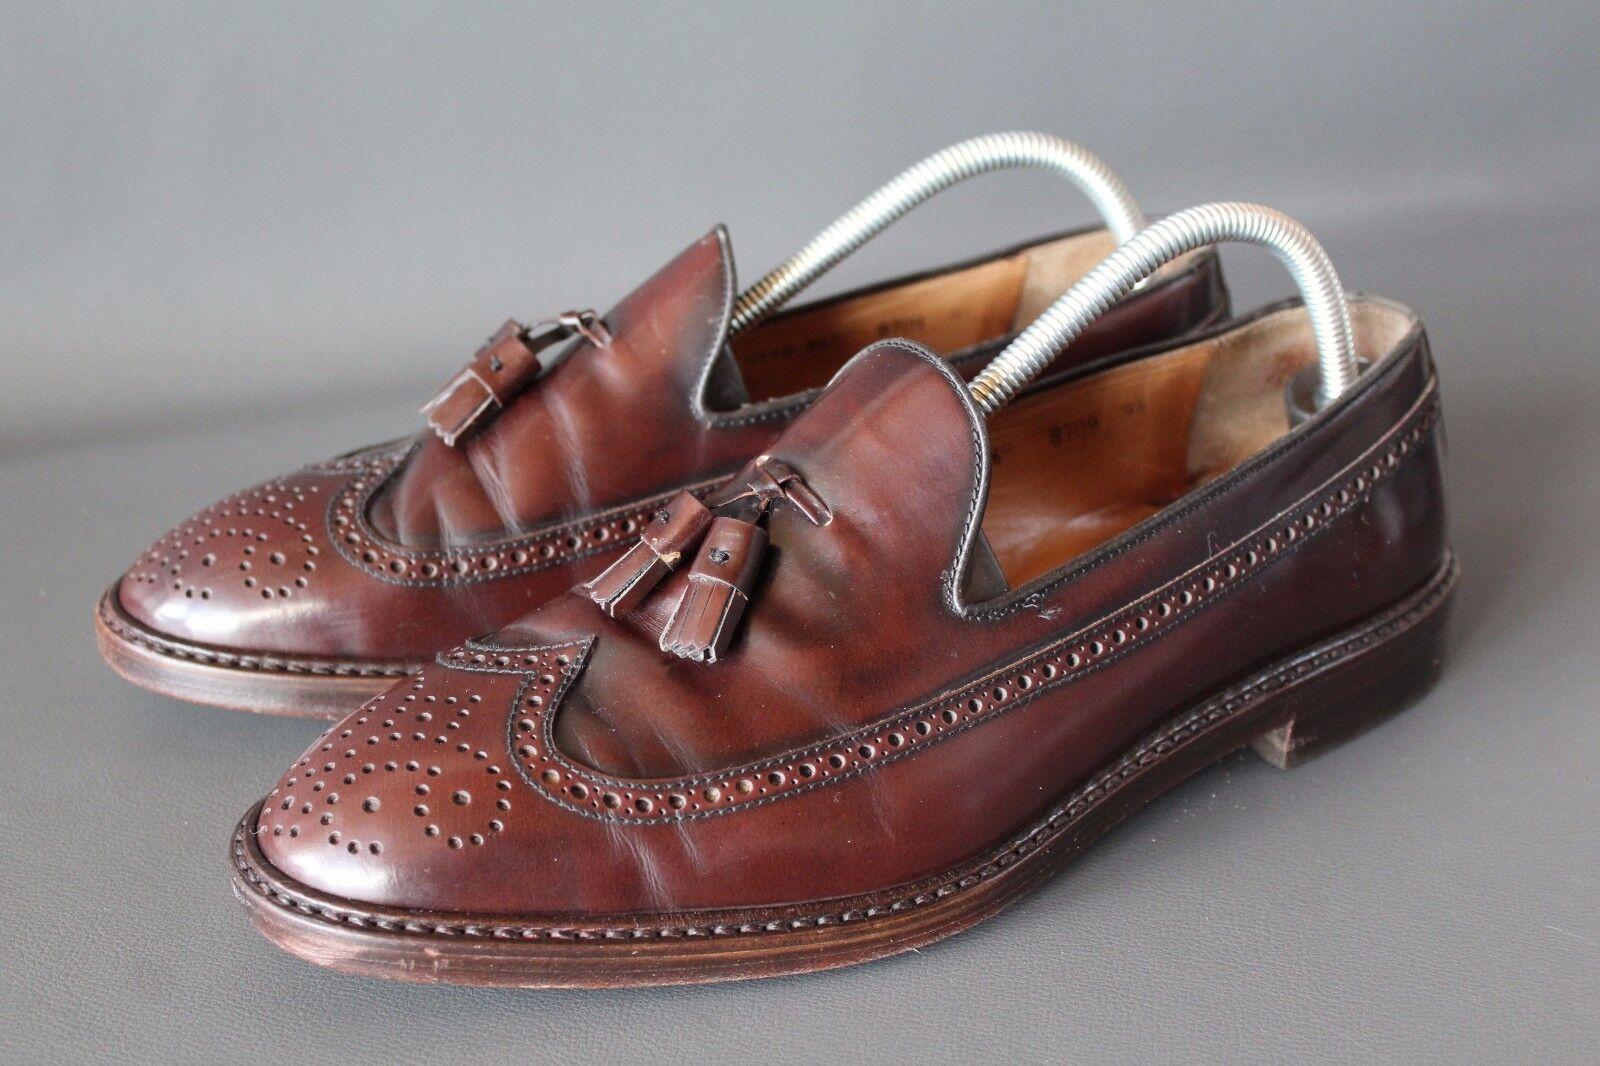 Lottusse zapatos caballero 9 1 2, 43,5, 44 cuero zapatos Tassel rr14